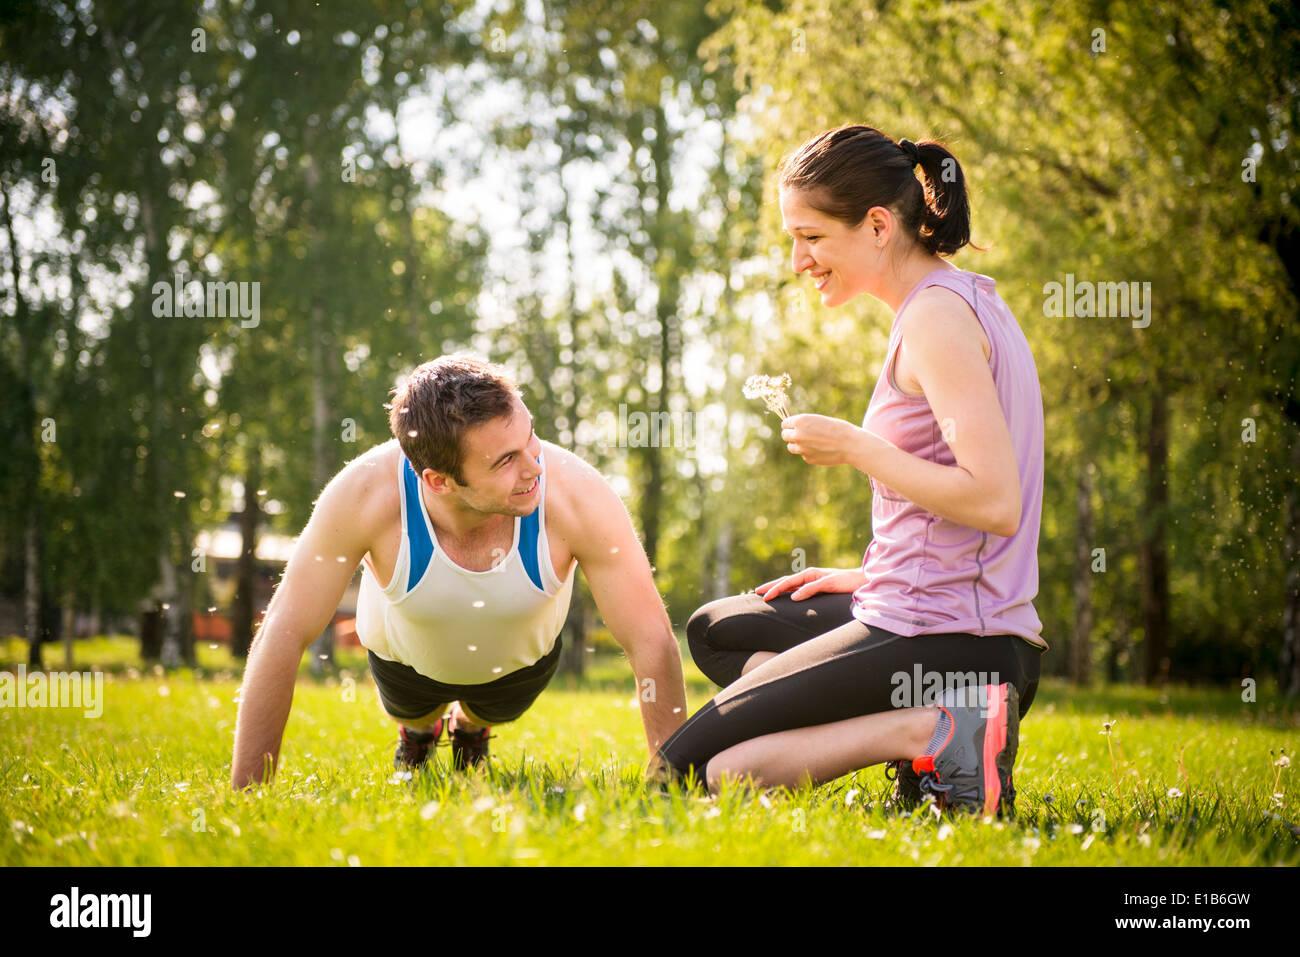 Man push-ups tout en femme souffle les graines de pissenlit sur lui - dans la nature en plein air Photo Stock